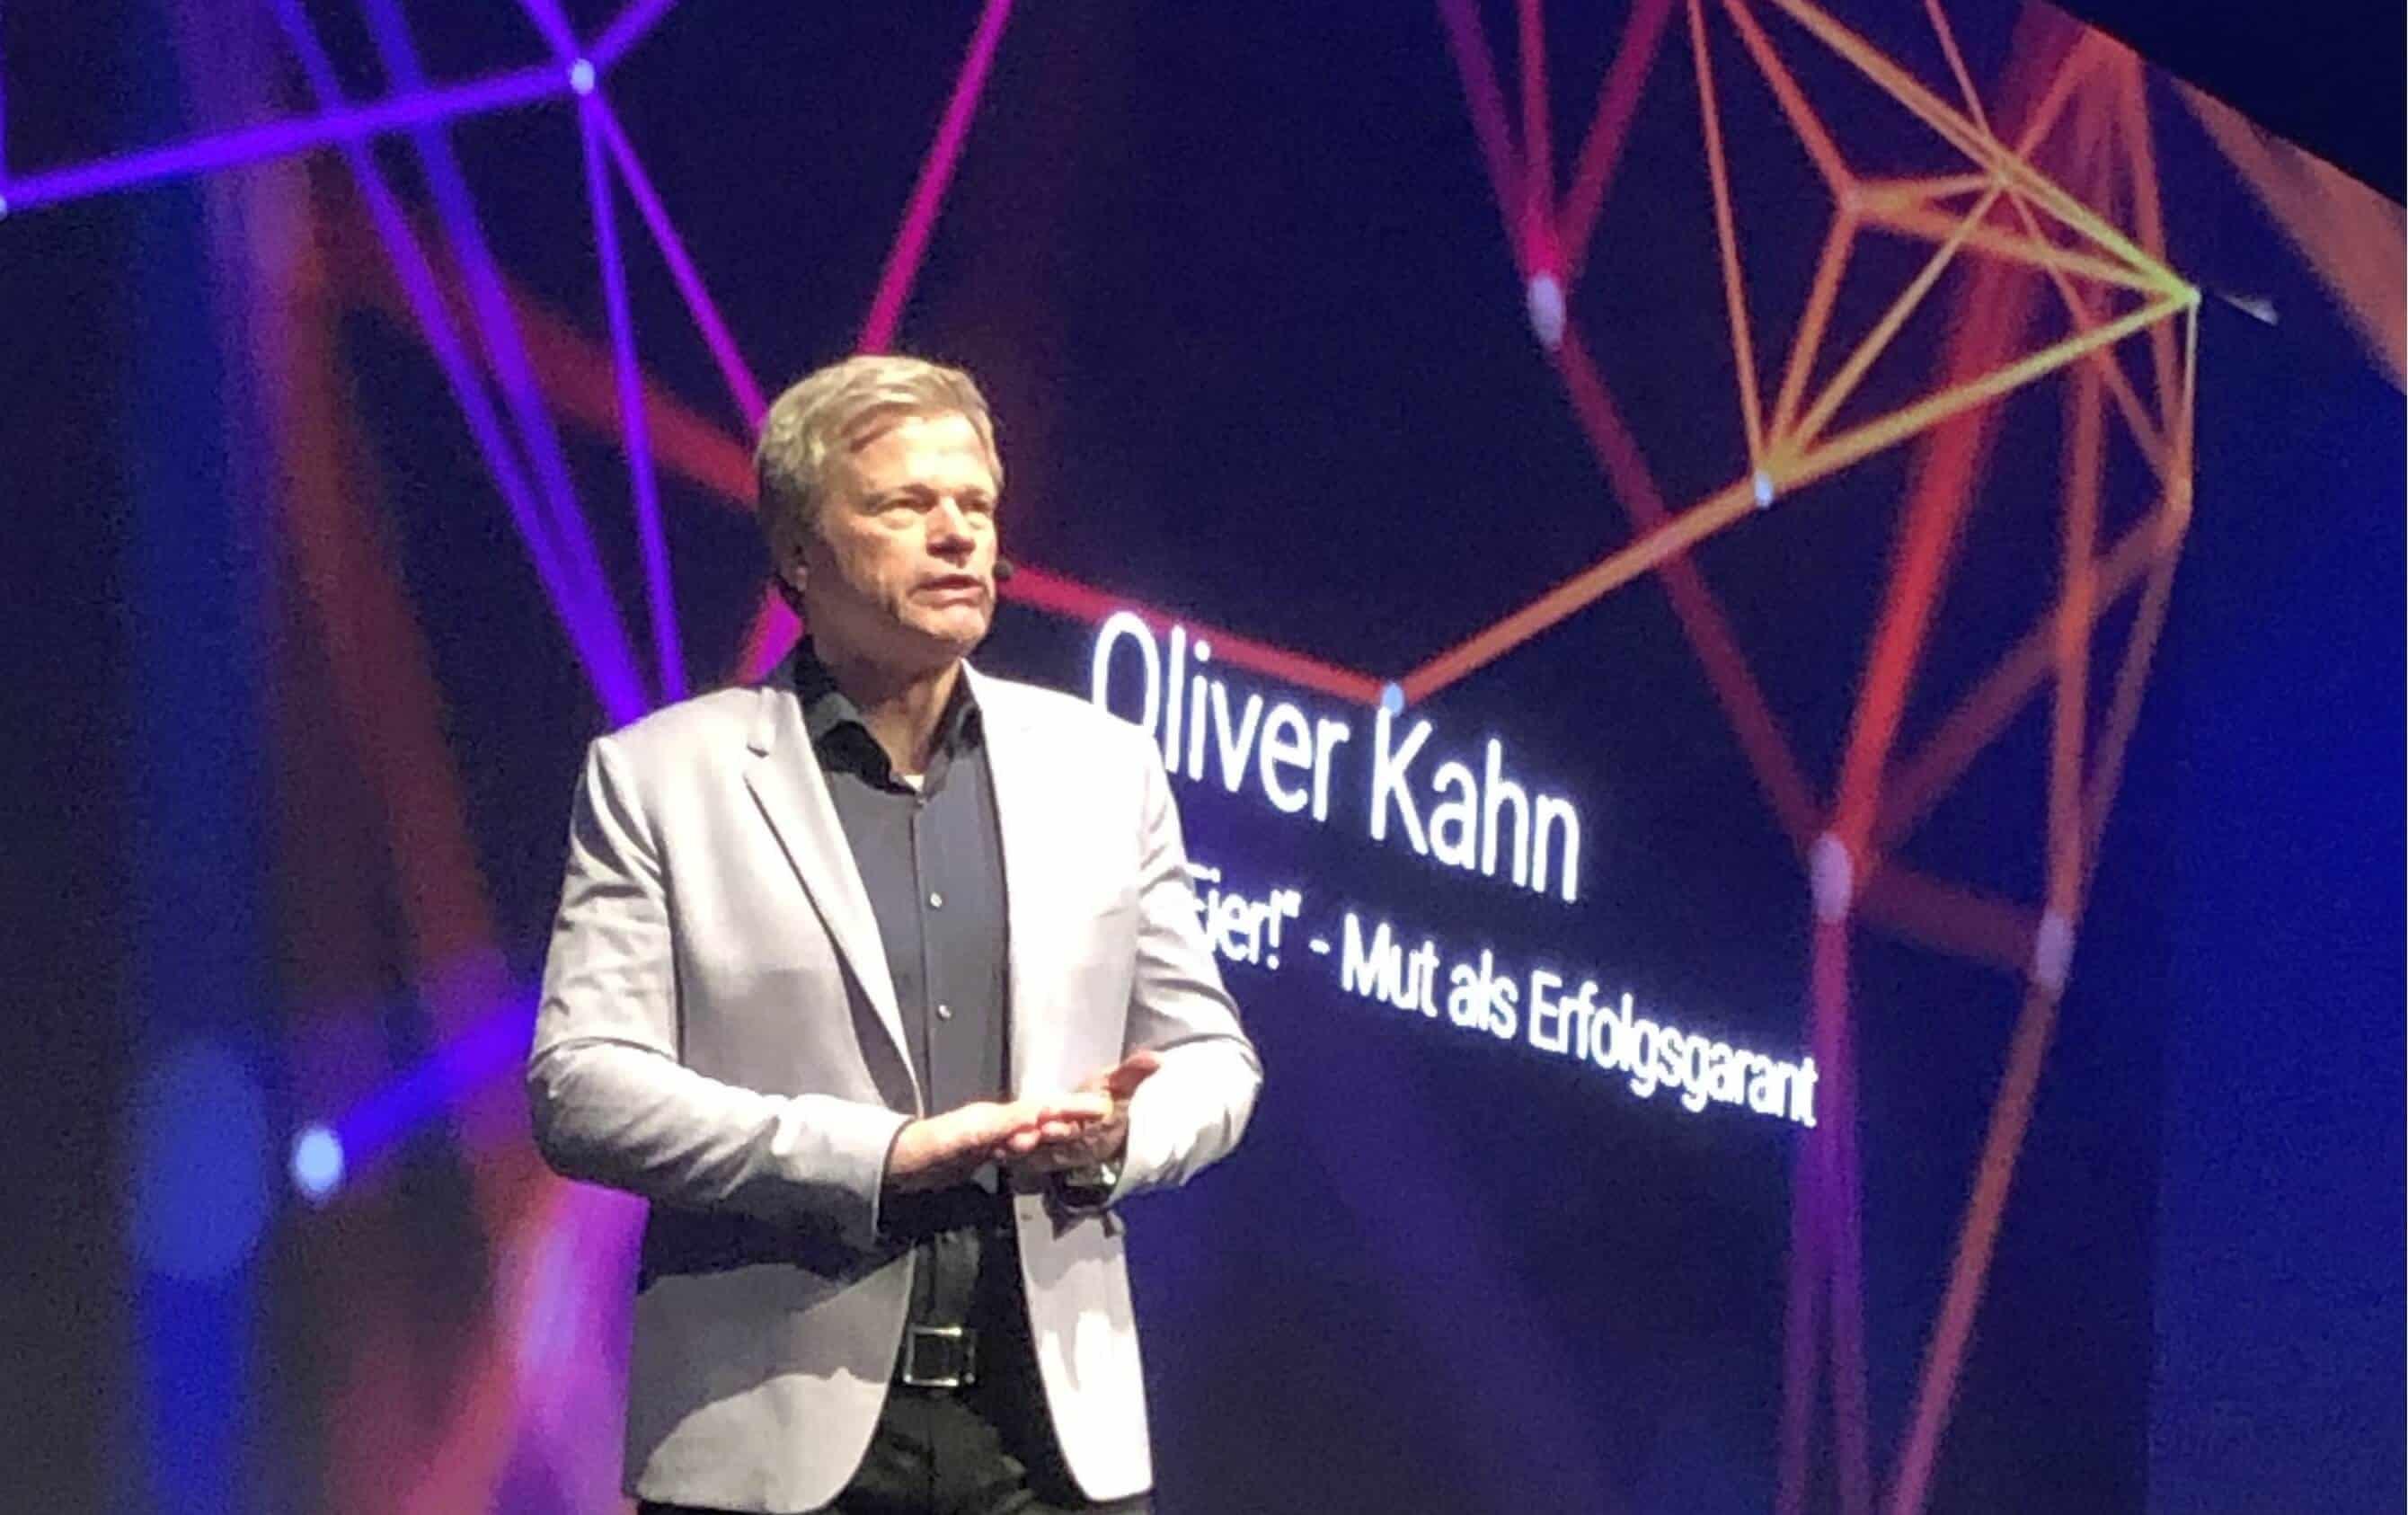 ▶ Oliver Kahn Wir brauchen Eier! Mut als Erfolgsgarant